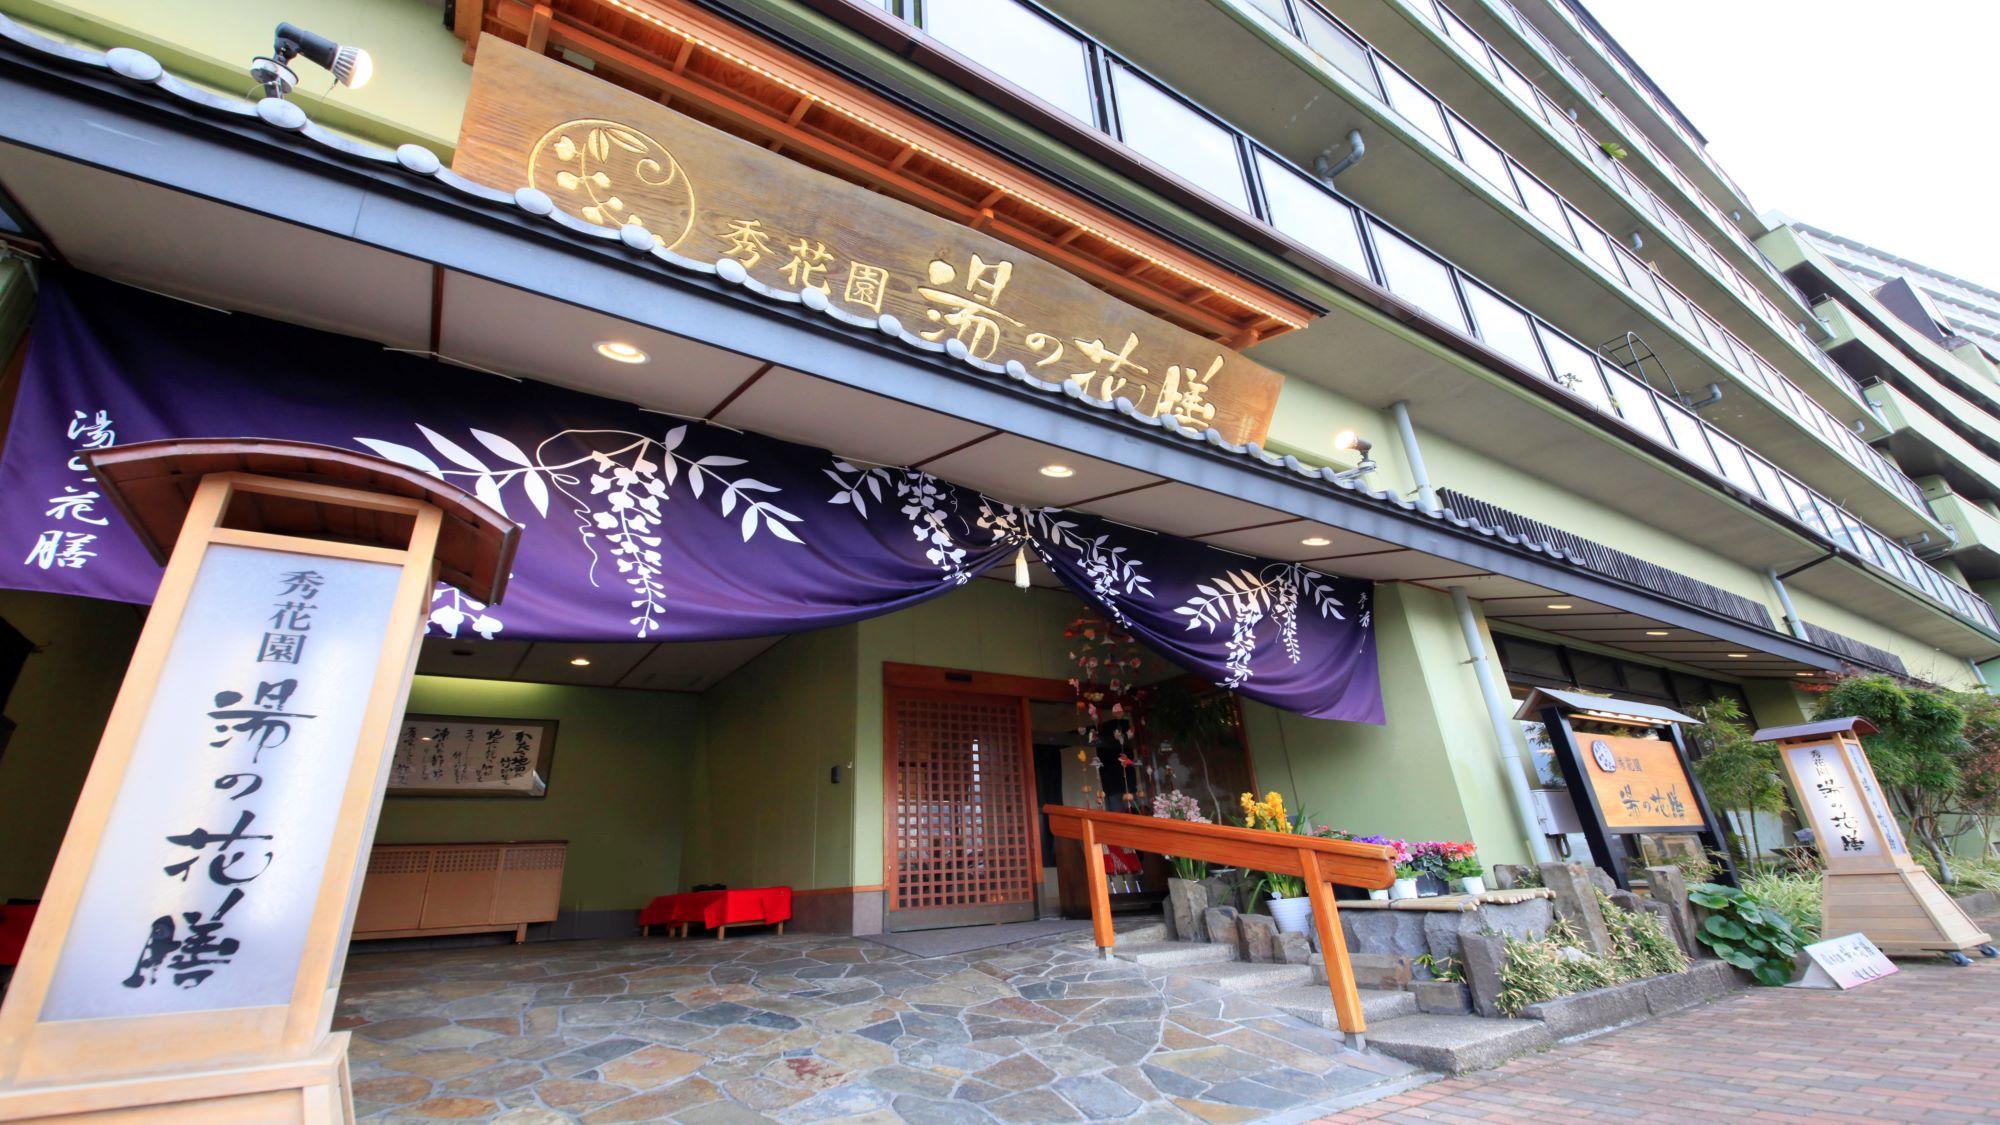 熱海温泉にエステ体験ができる可愛い浴衣のある宿はありますか?